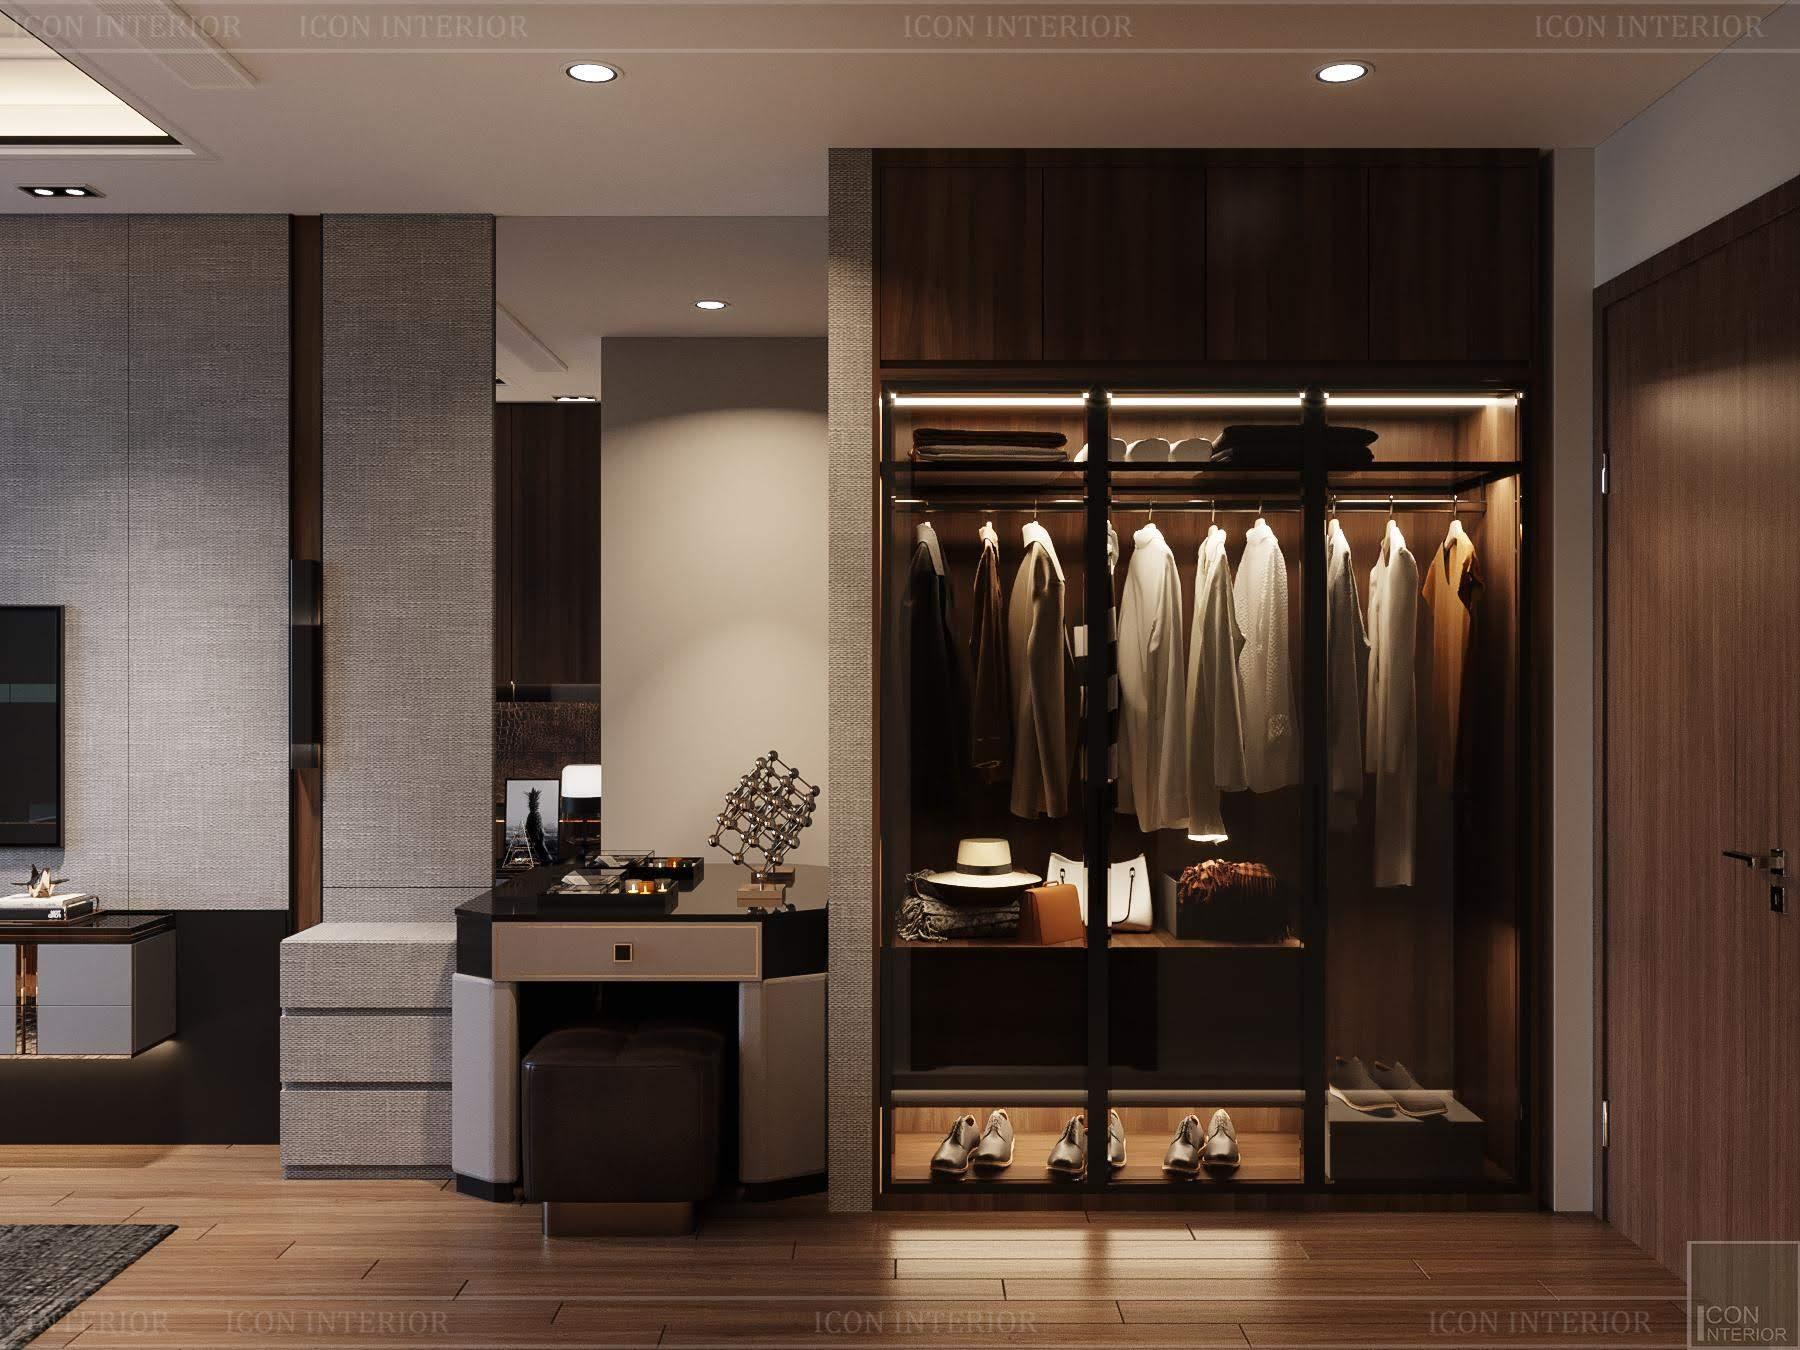 thiết kế nội thất phong cách hiện đại - tủ quần áo